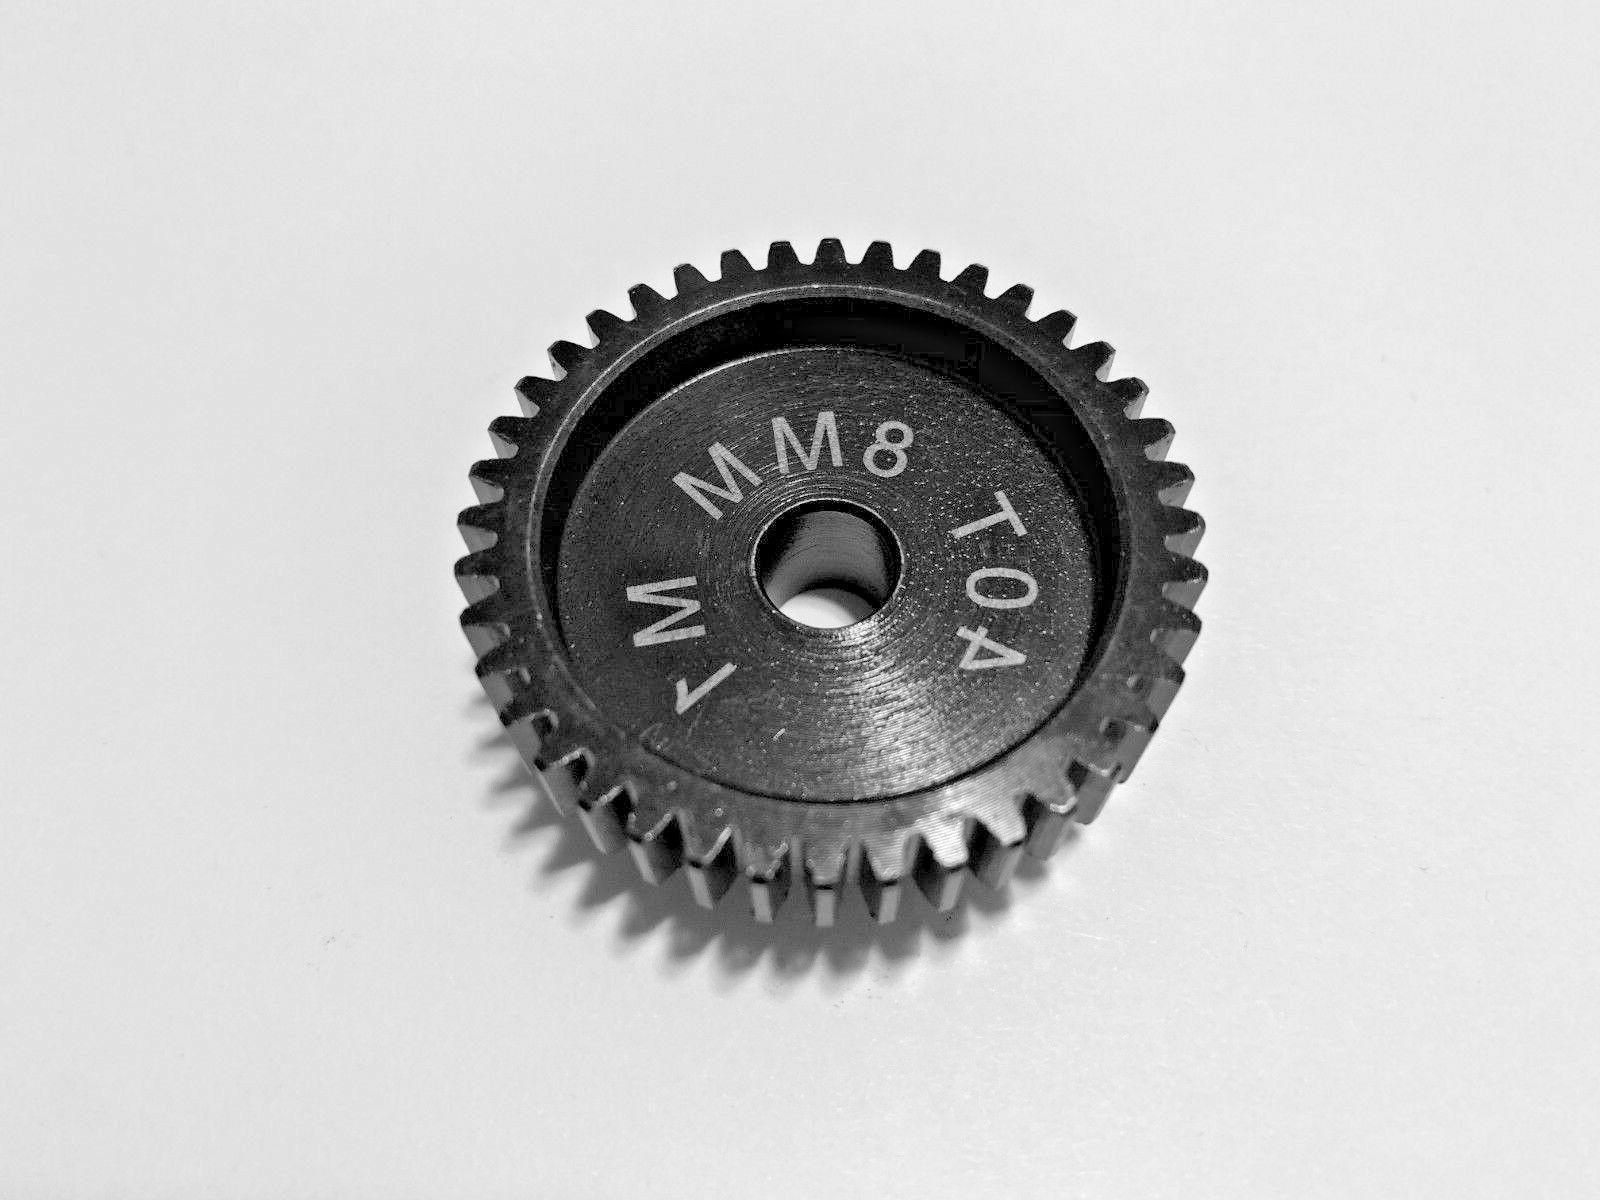 8mm 40t mod 1 pinion gear traxxas